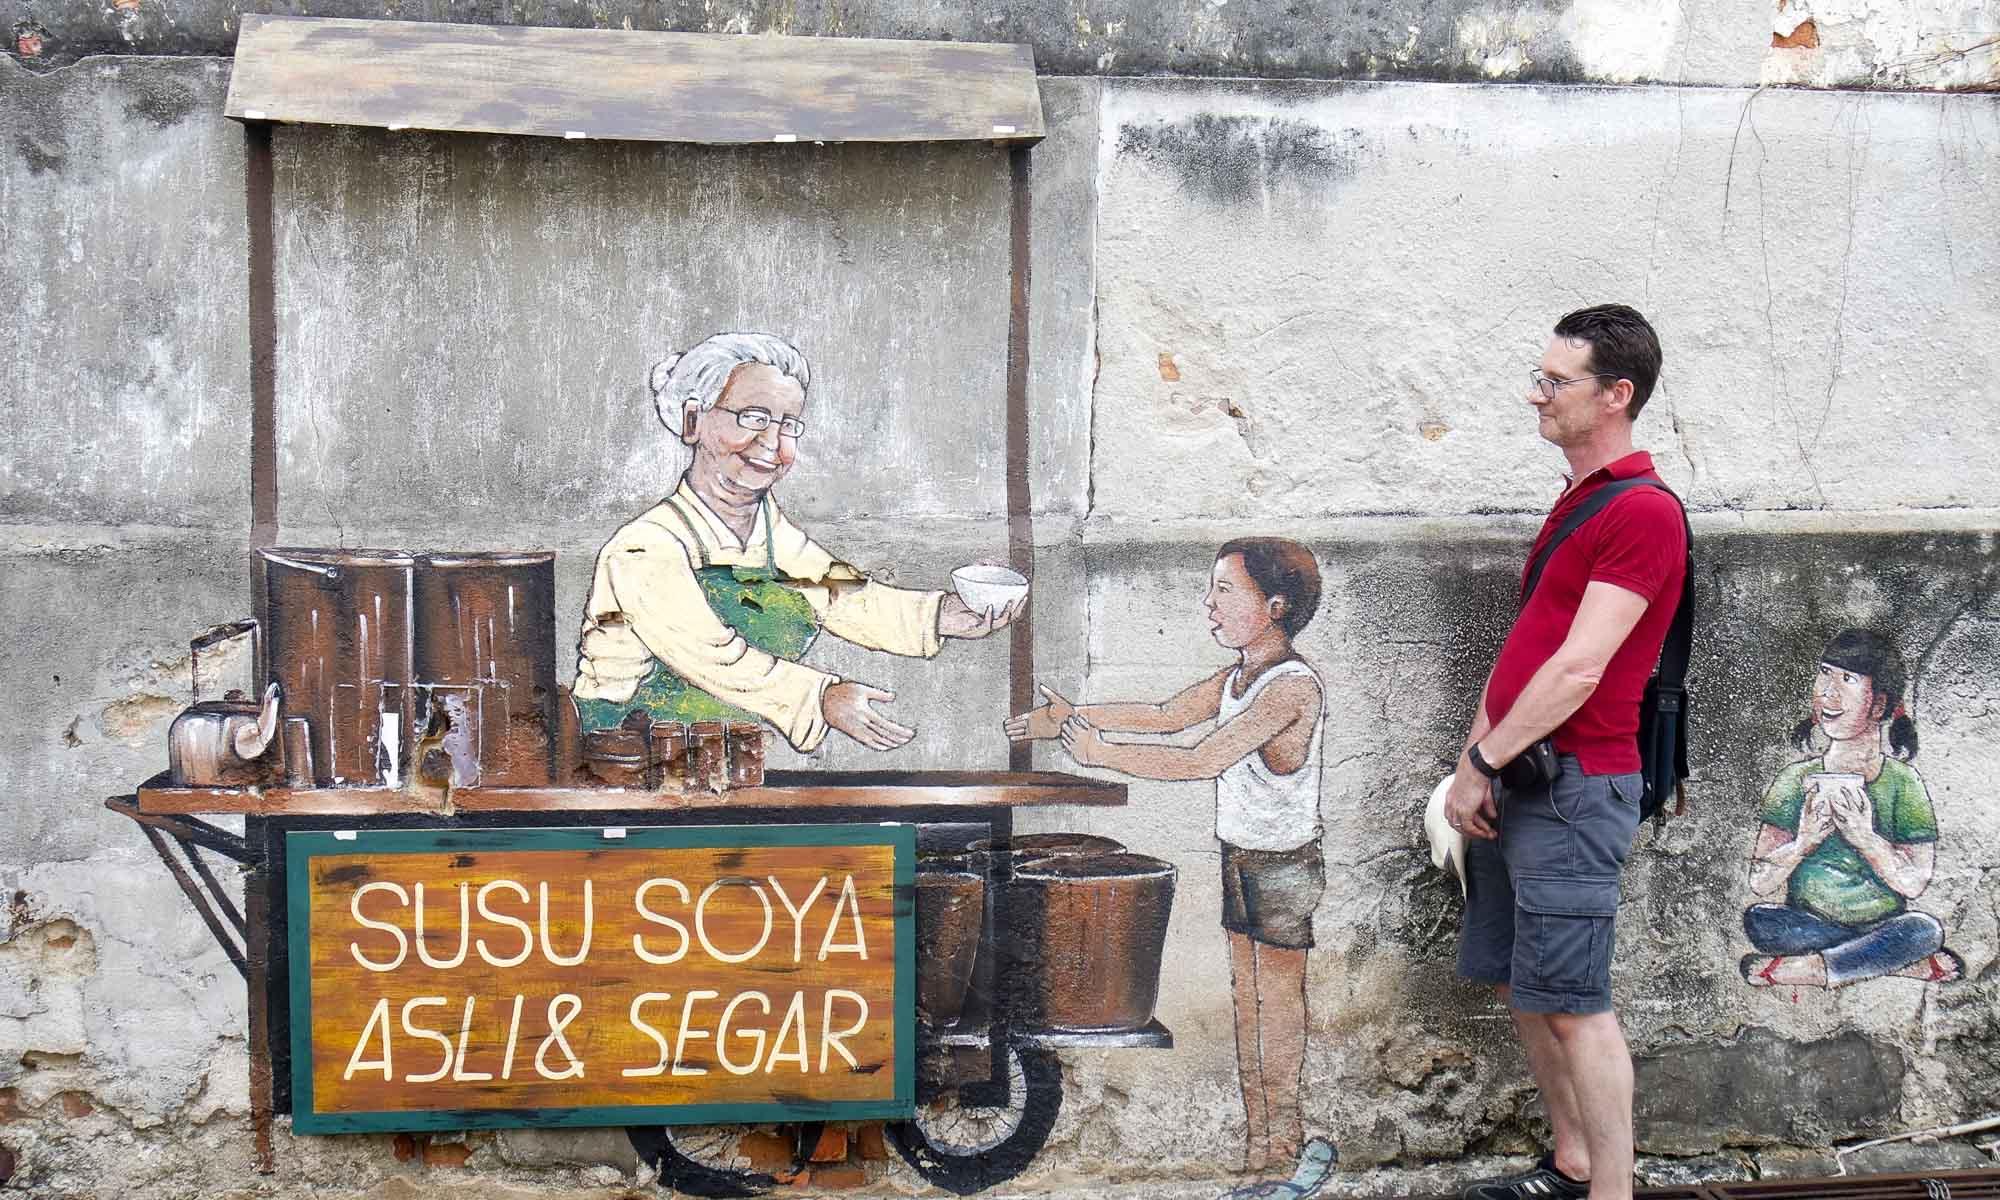 Street art at Georgetown: street food